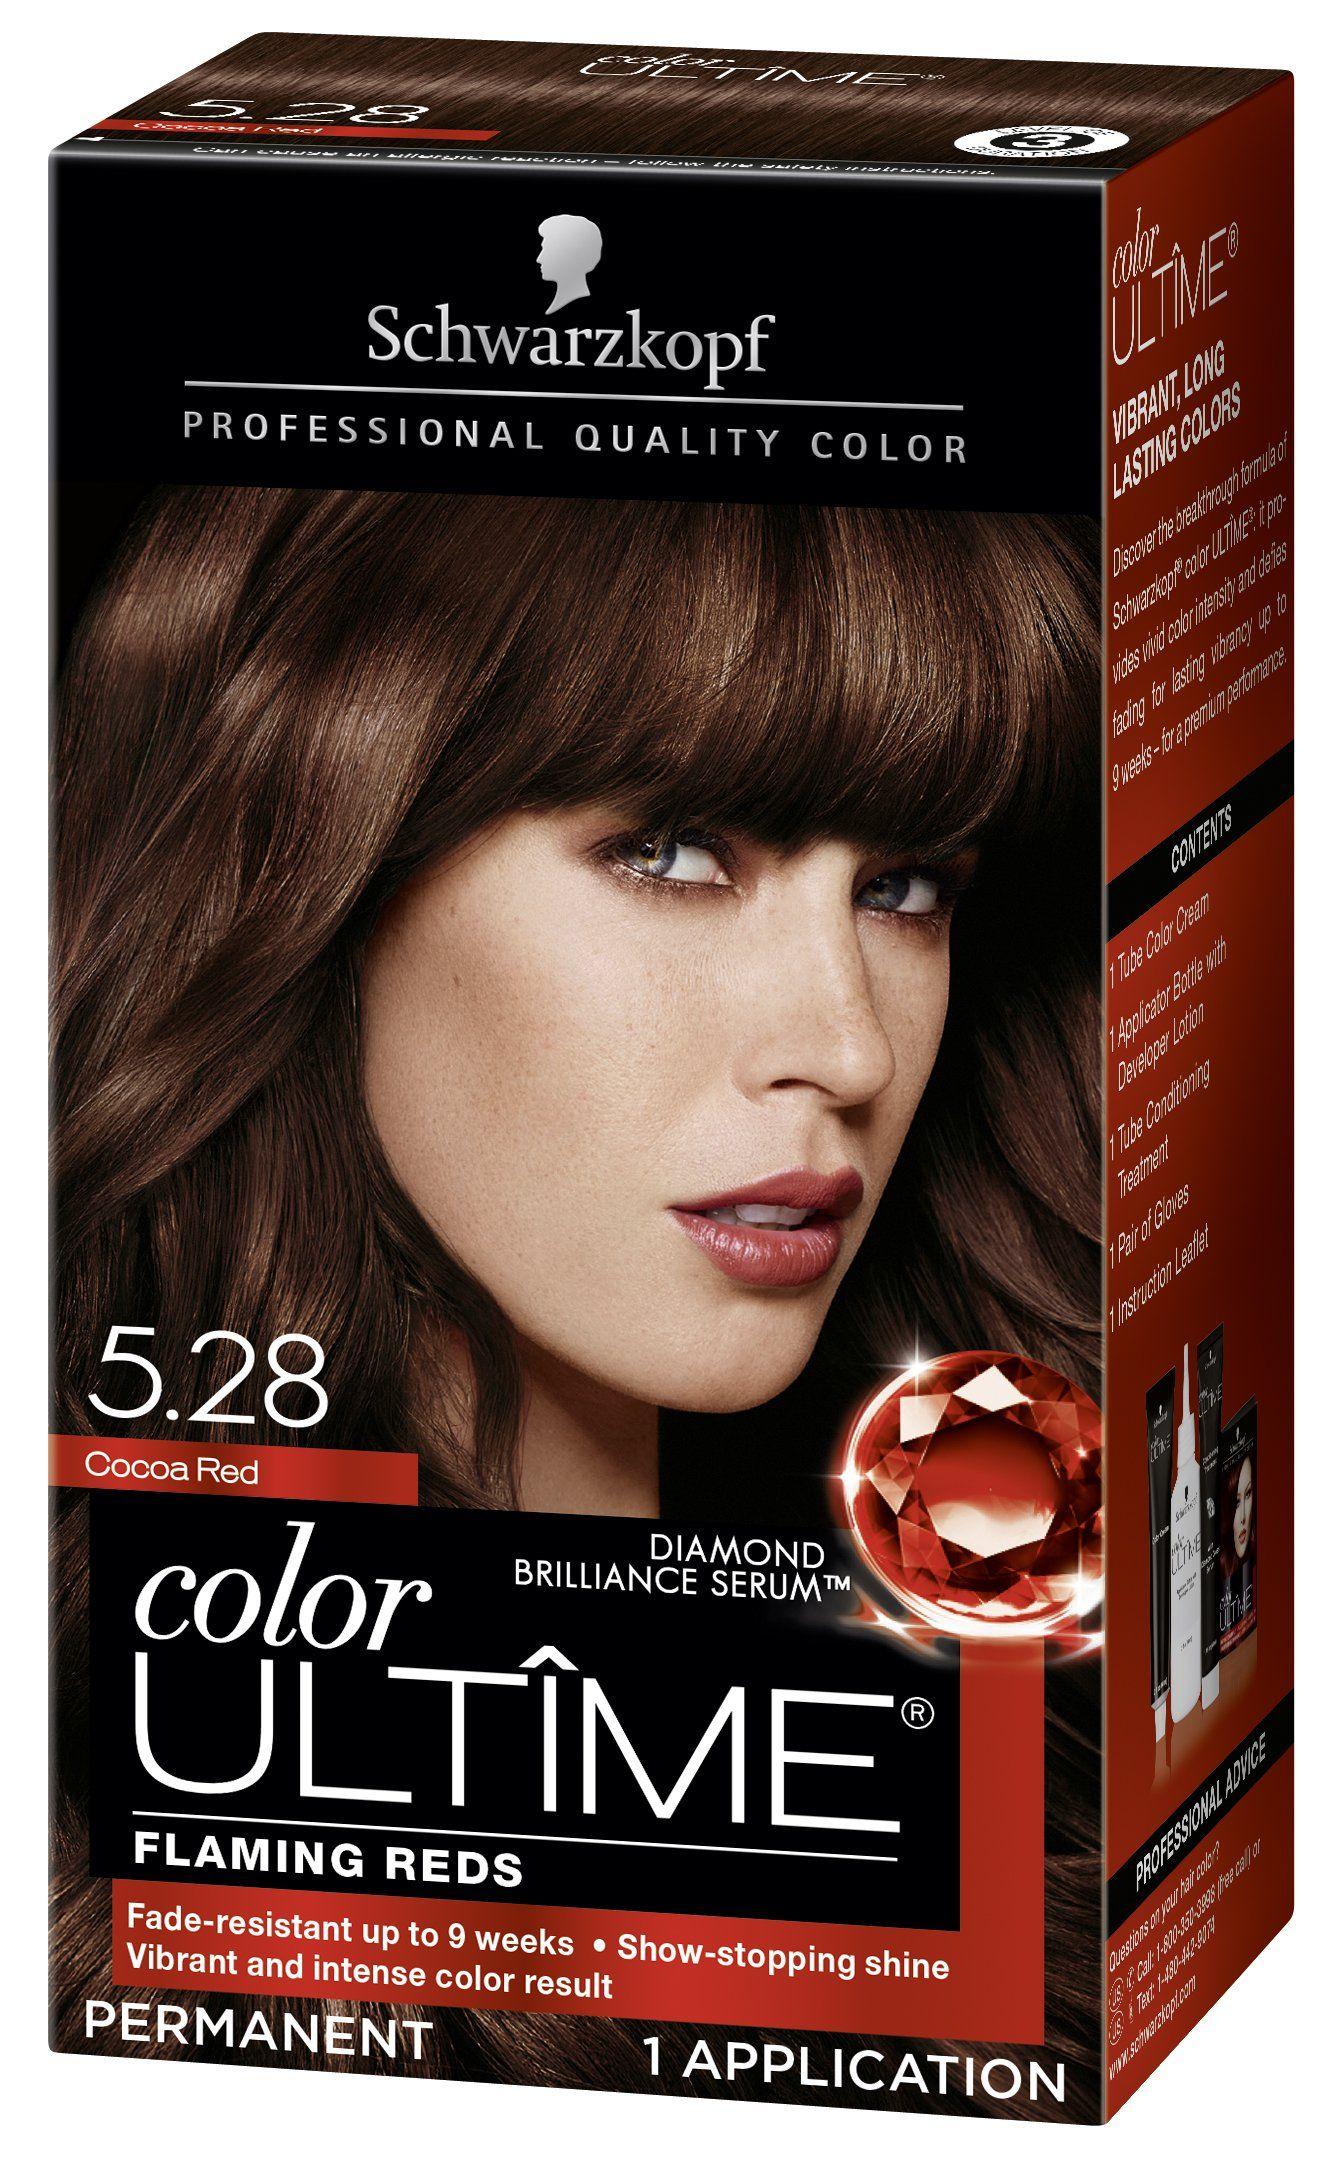 Gunstige haarfarben schwarzkopf